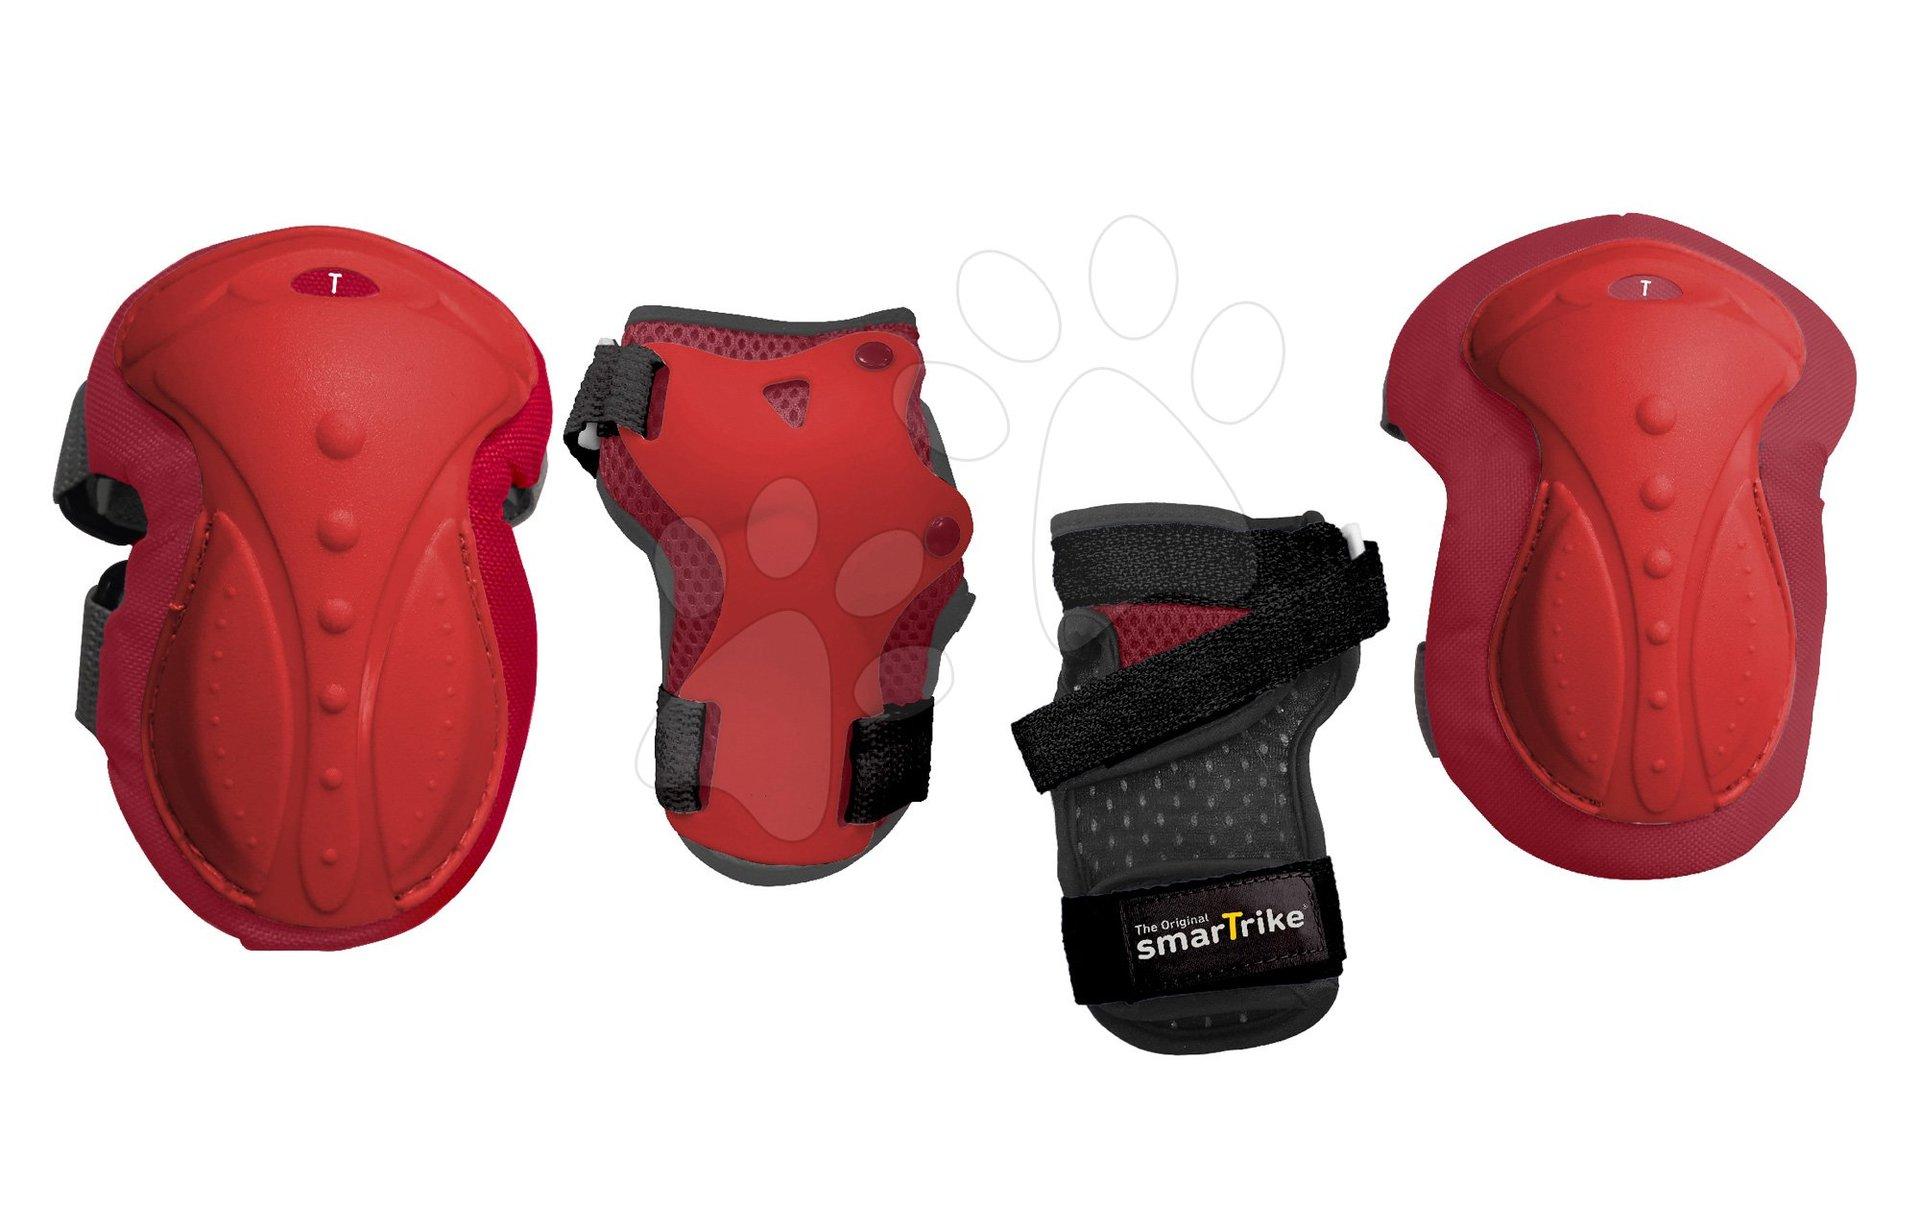 Chrániče Safety Gear set M smarTrike na kolená a zápästia z ergonomického plastu červené od 9 rokov